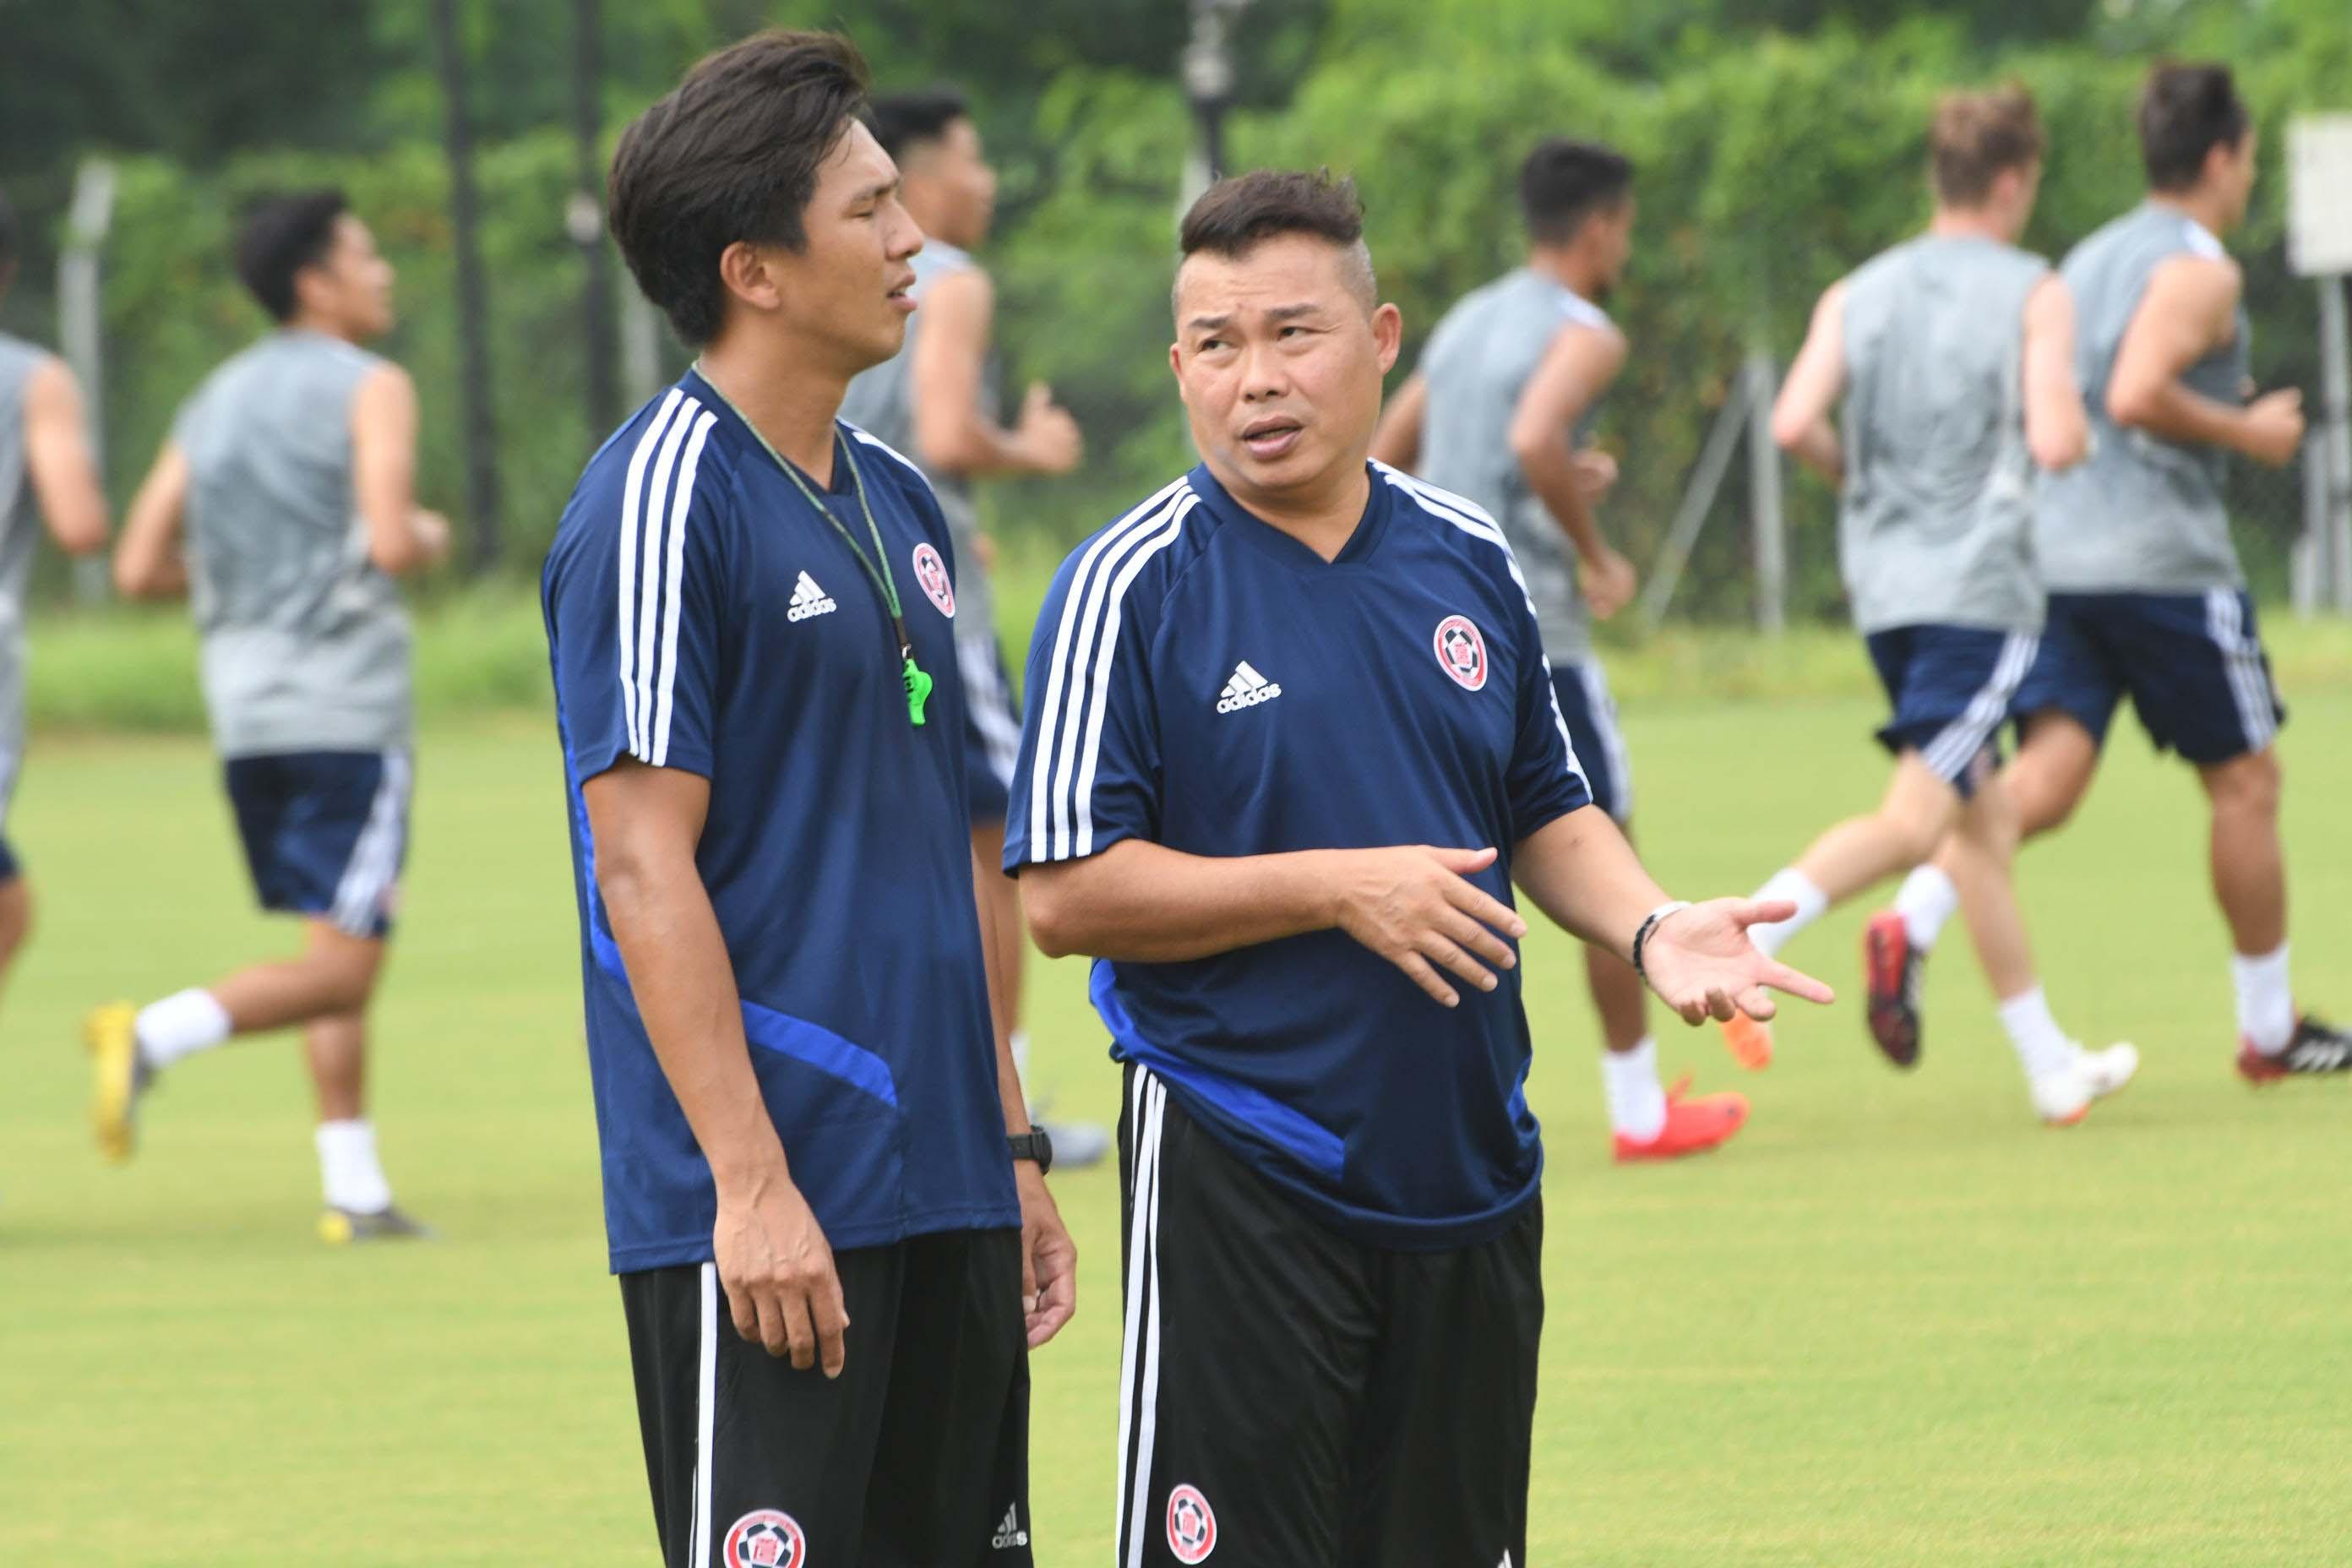 東方教練李志堅(右)指執教大球會亦屬新挑戰,盼盡快助東方爭奪錦標。郭晉朗攝